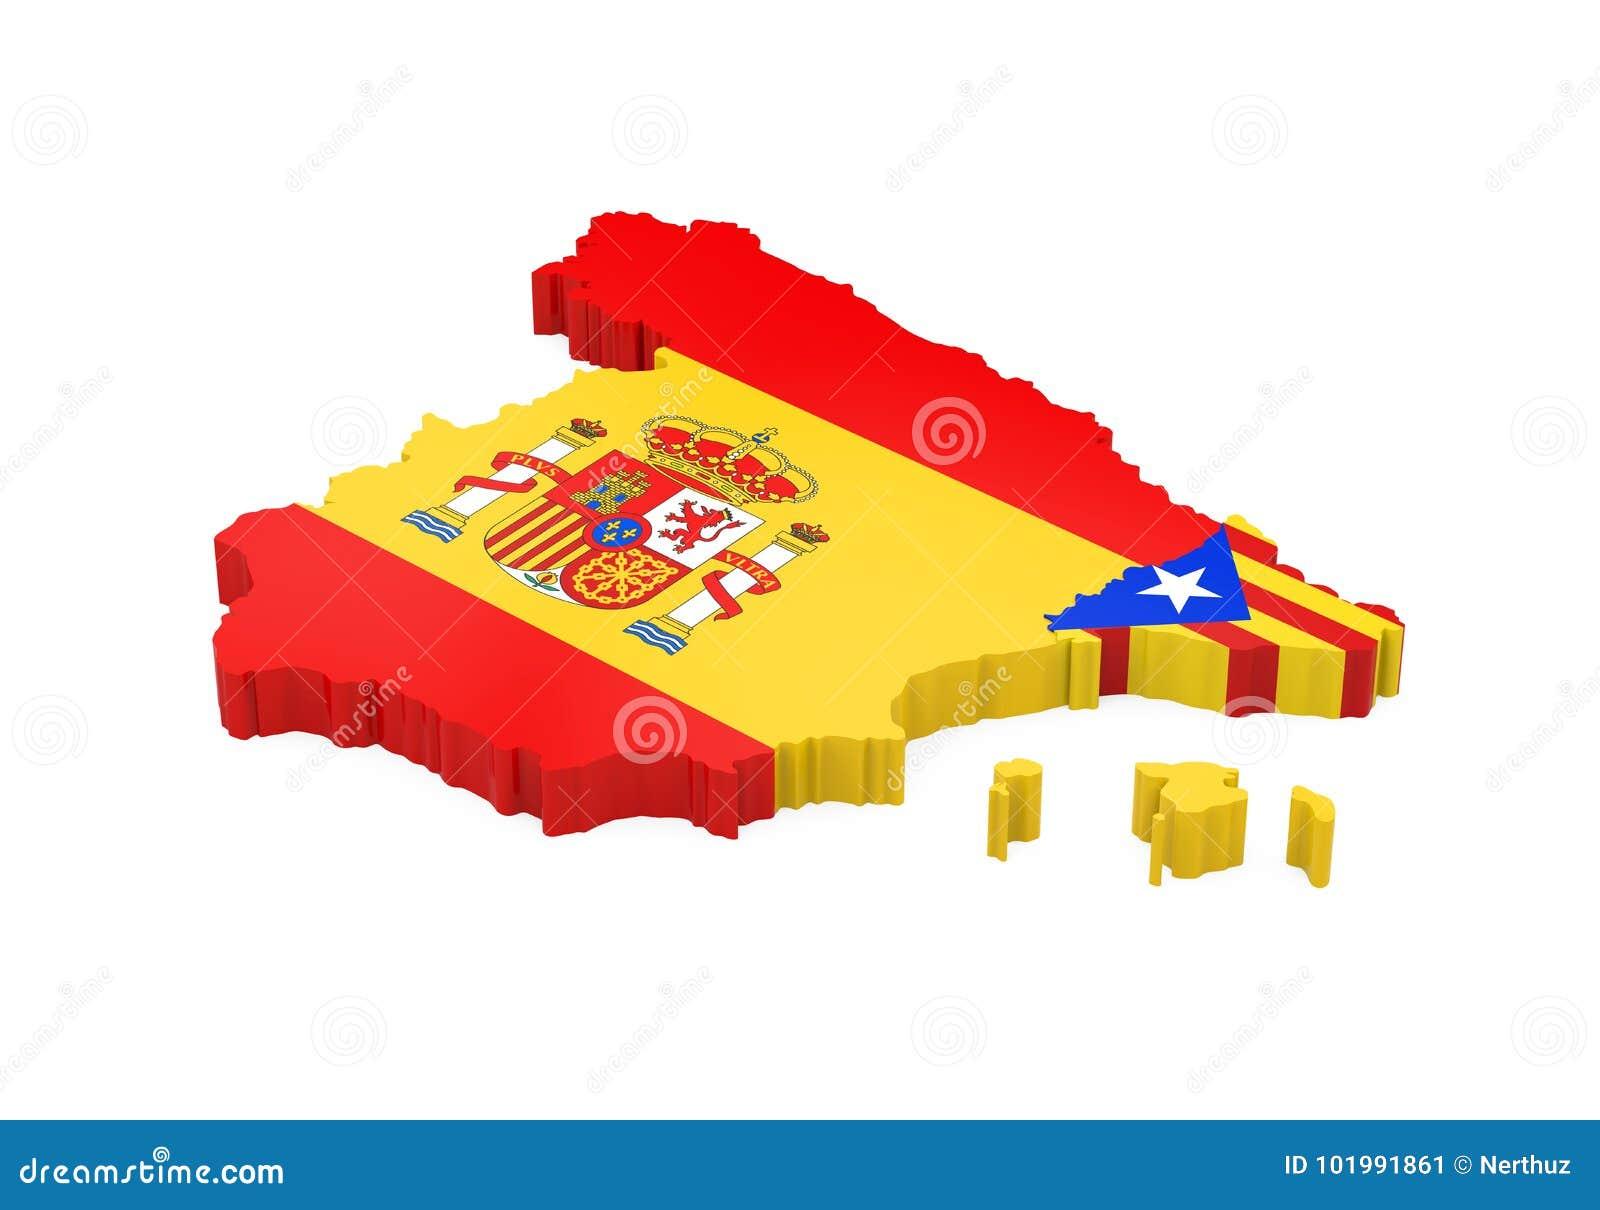 Spanien Katalonien Karte.Spanien Und Katalonien Karte Lokalisiert Stock Abbildung